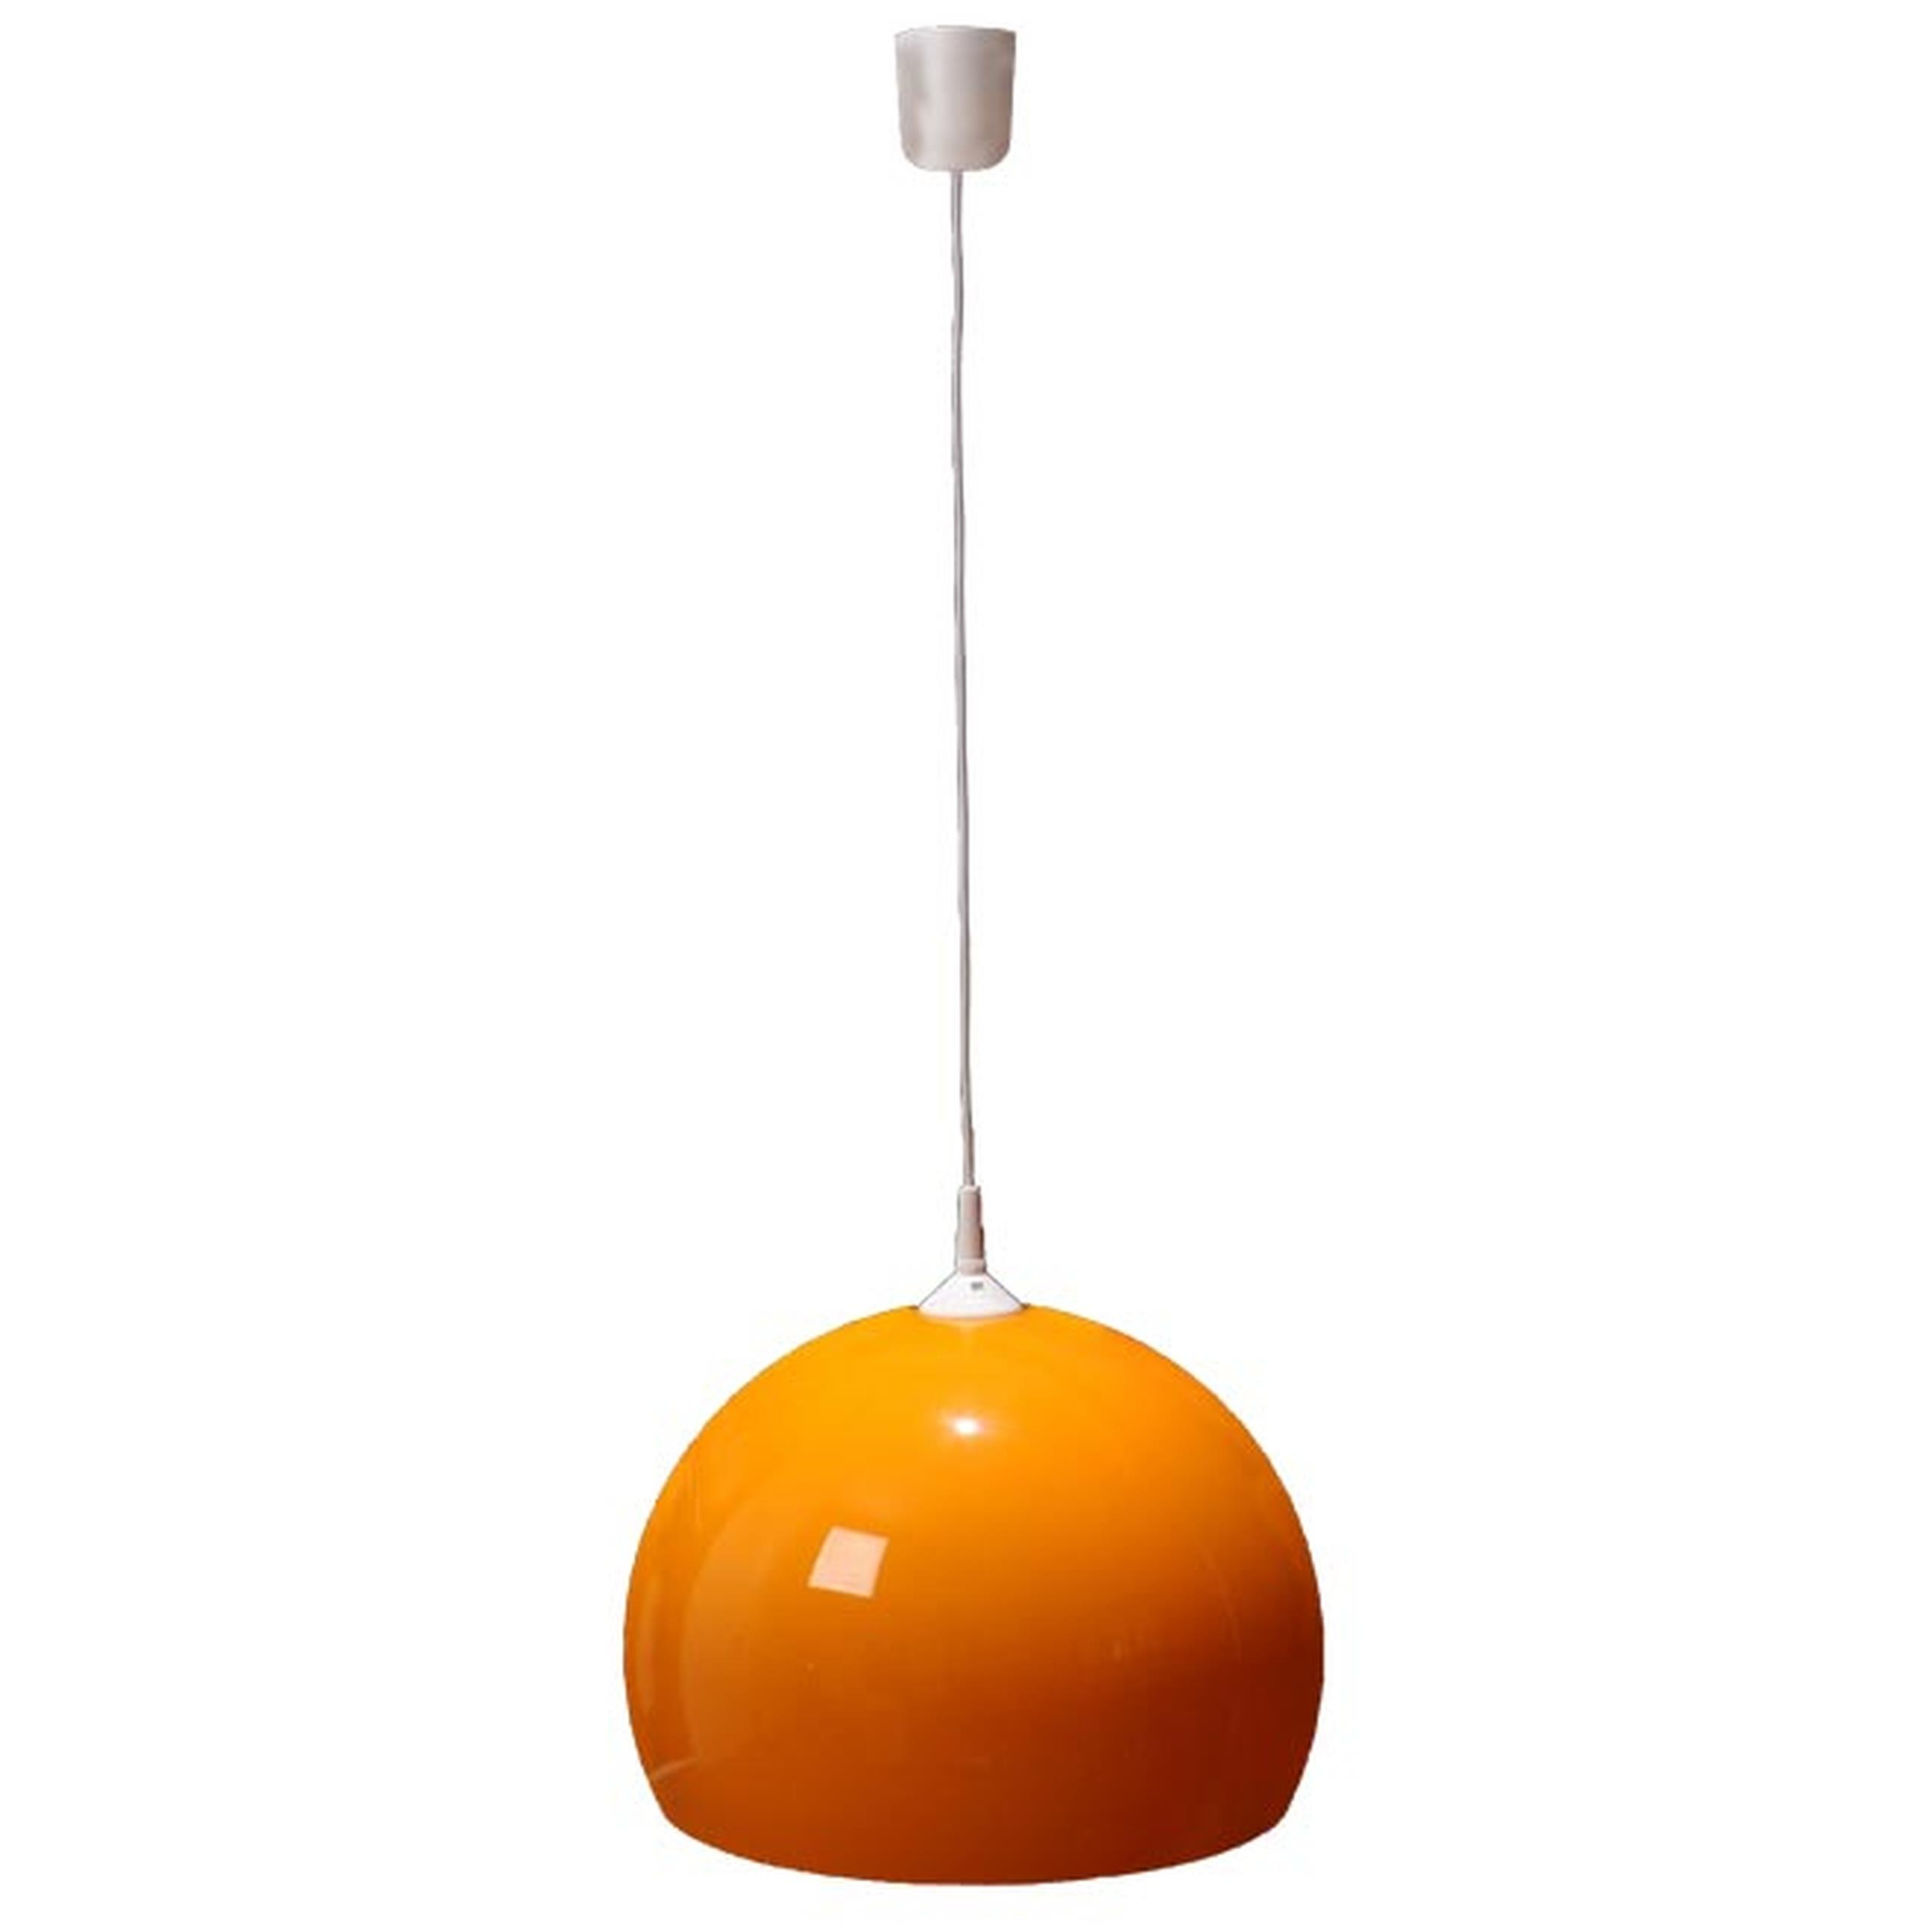 Lampara de techo trato naranja 40cm l mpara colgante - Lamparas de techo cocina ...